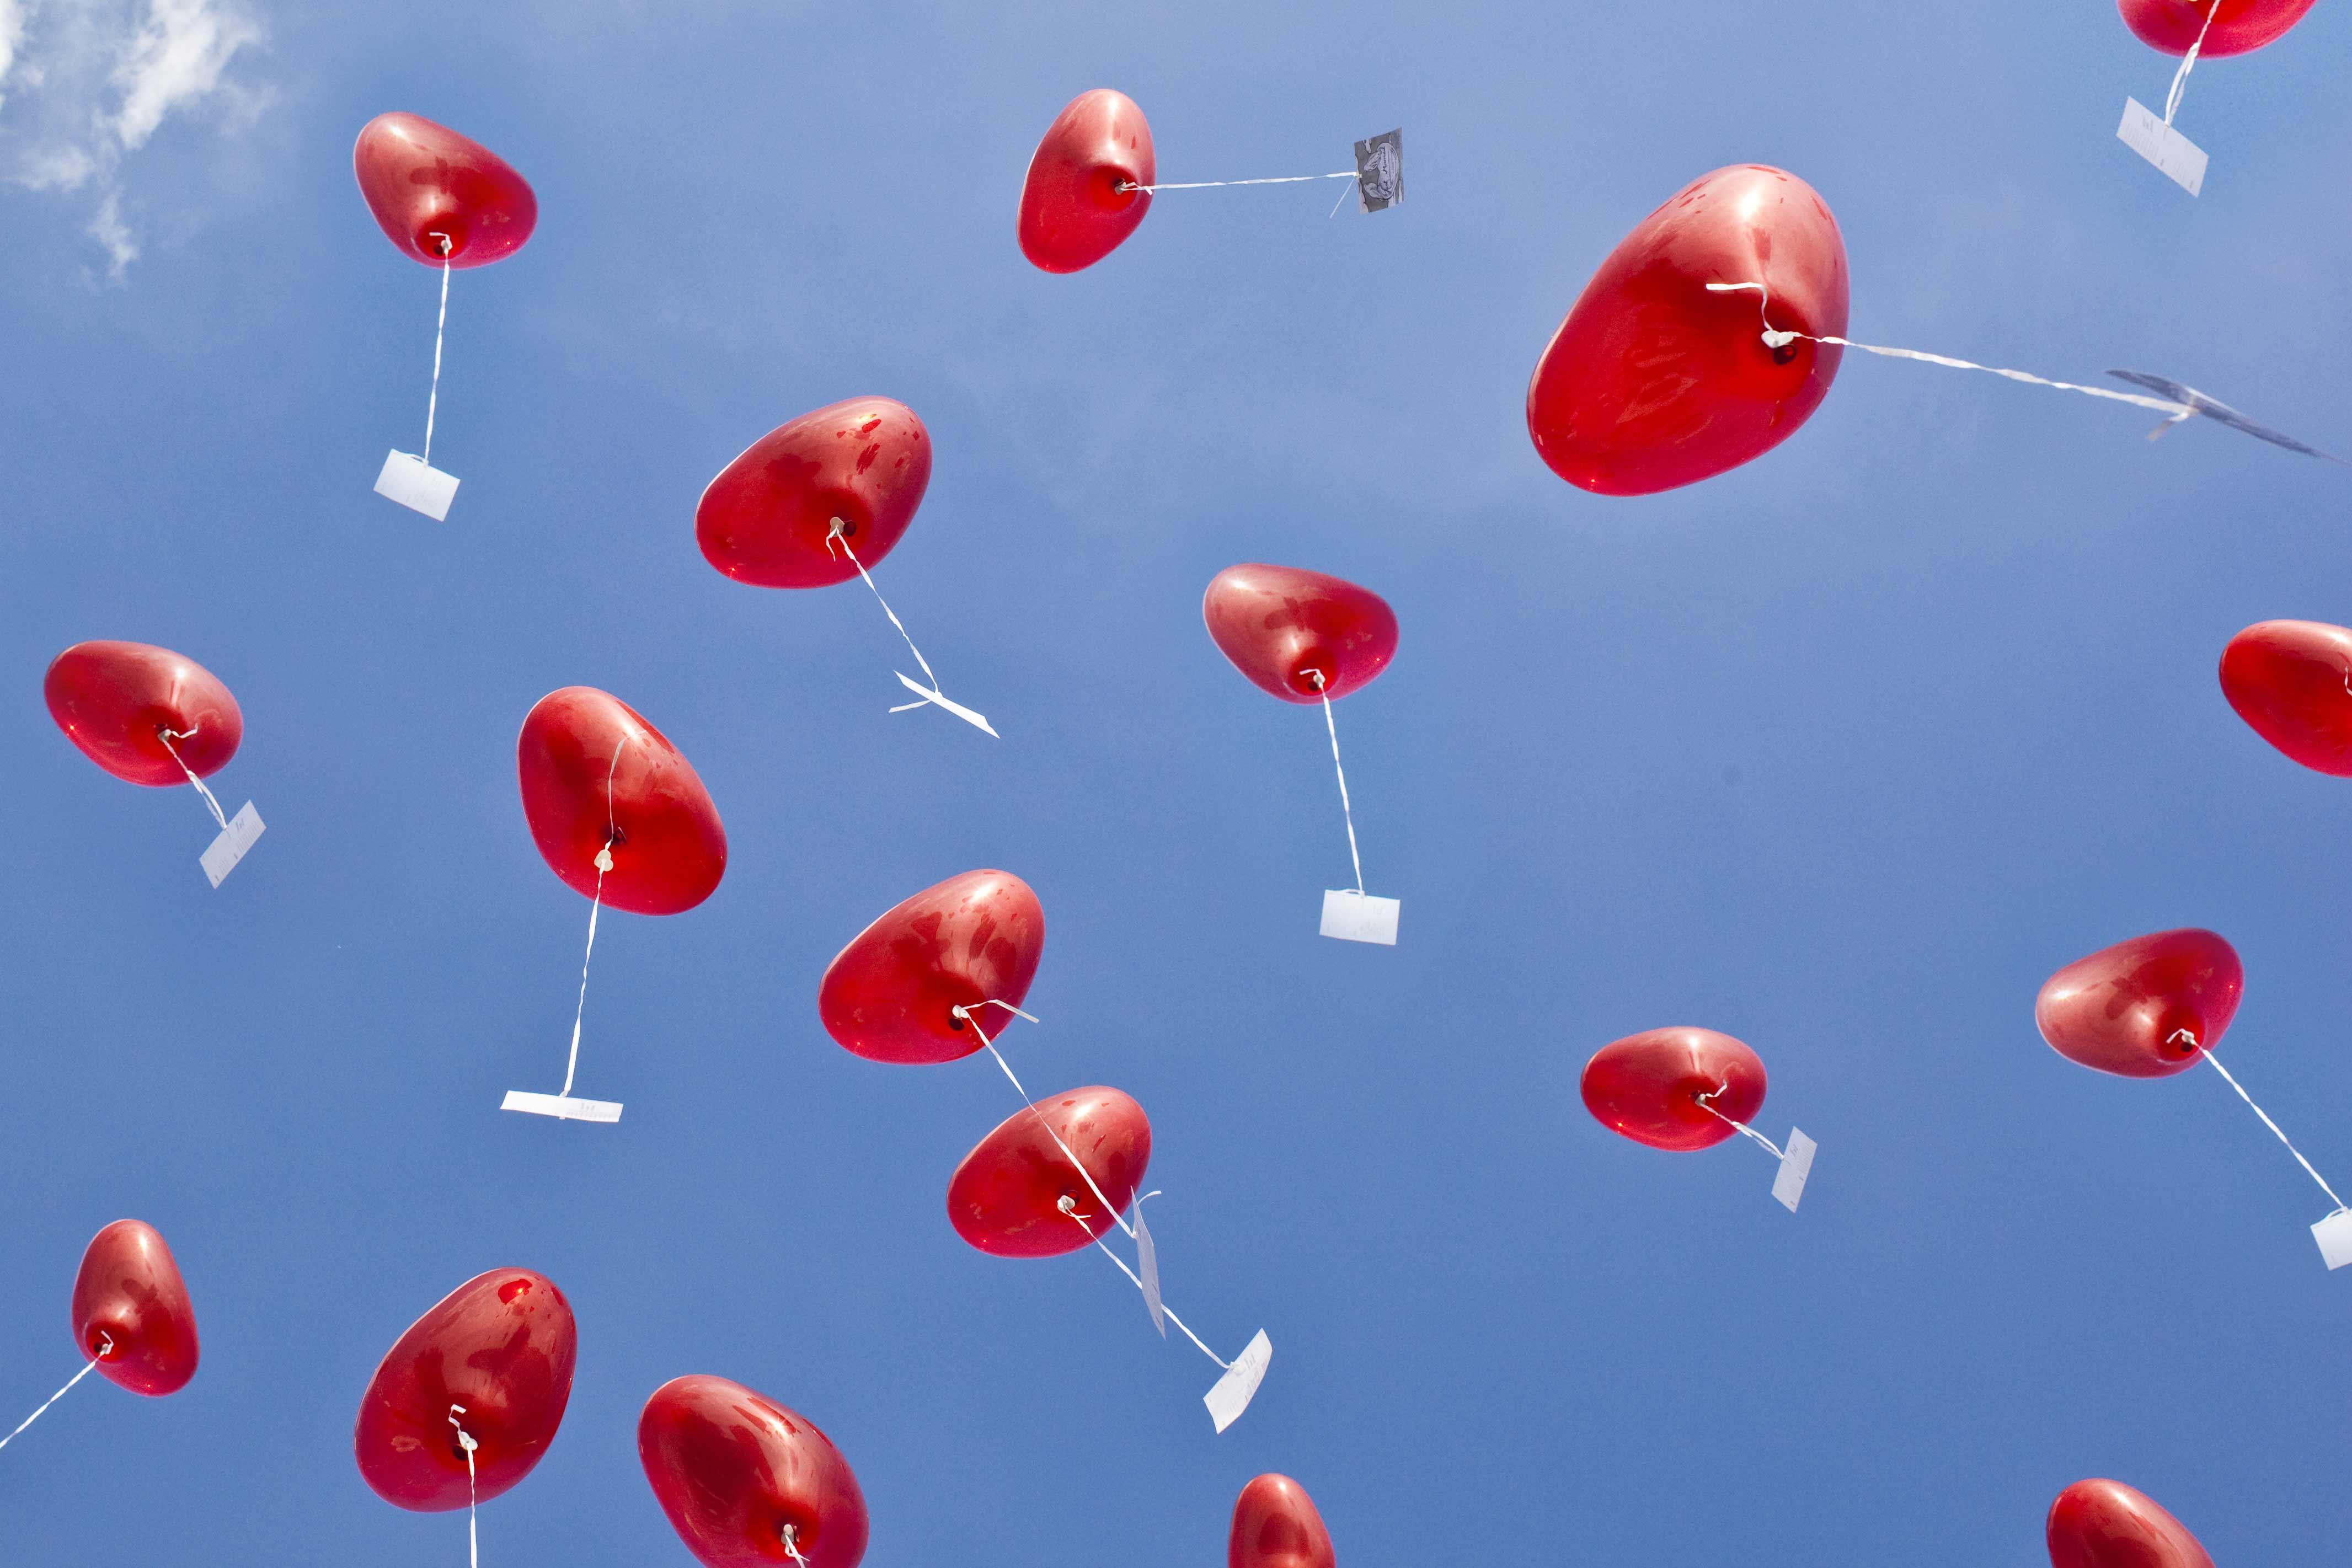 Hochzeitsgeschenk Herzluftballons mit Hochzeitsgren